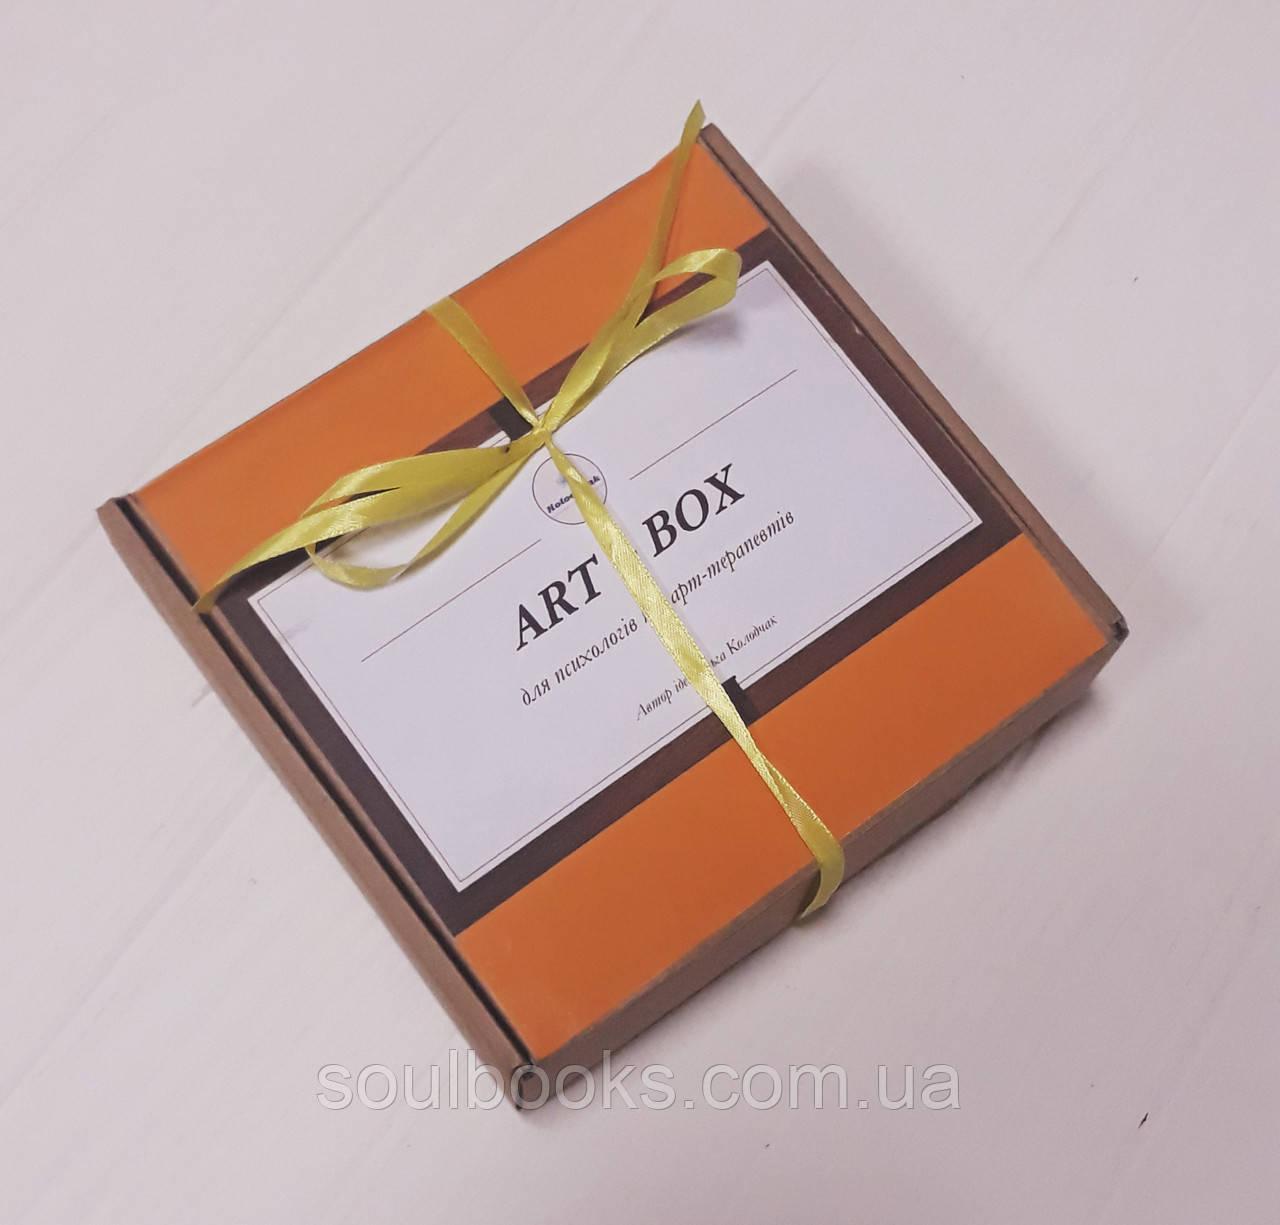 ART-BOX для психологов и арт-терапевтов (автор идеи Ольга Колодчак)